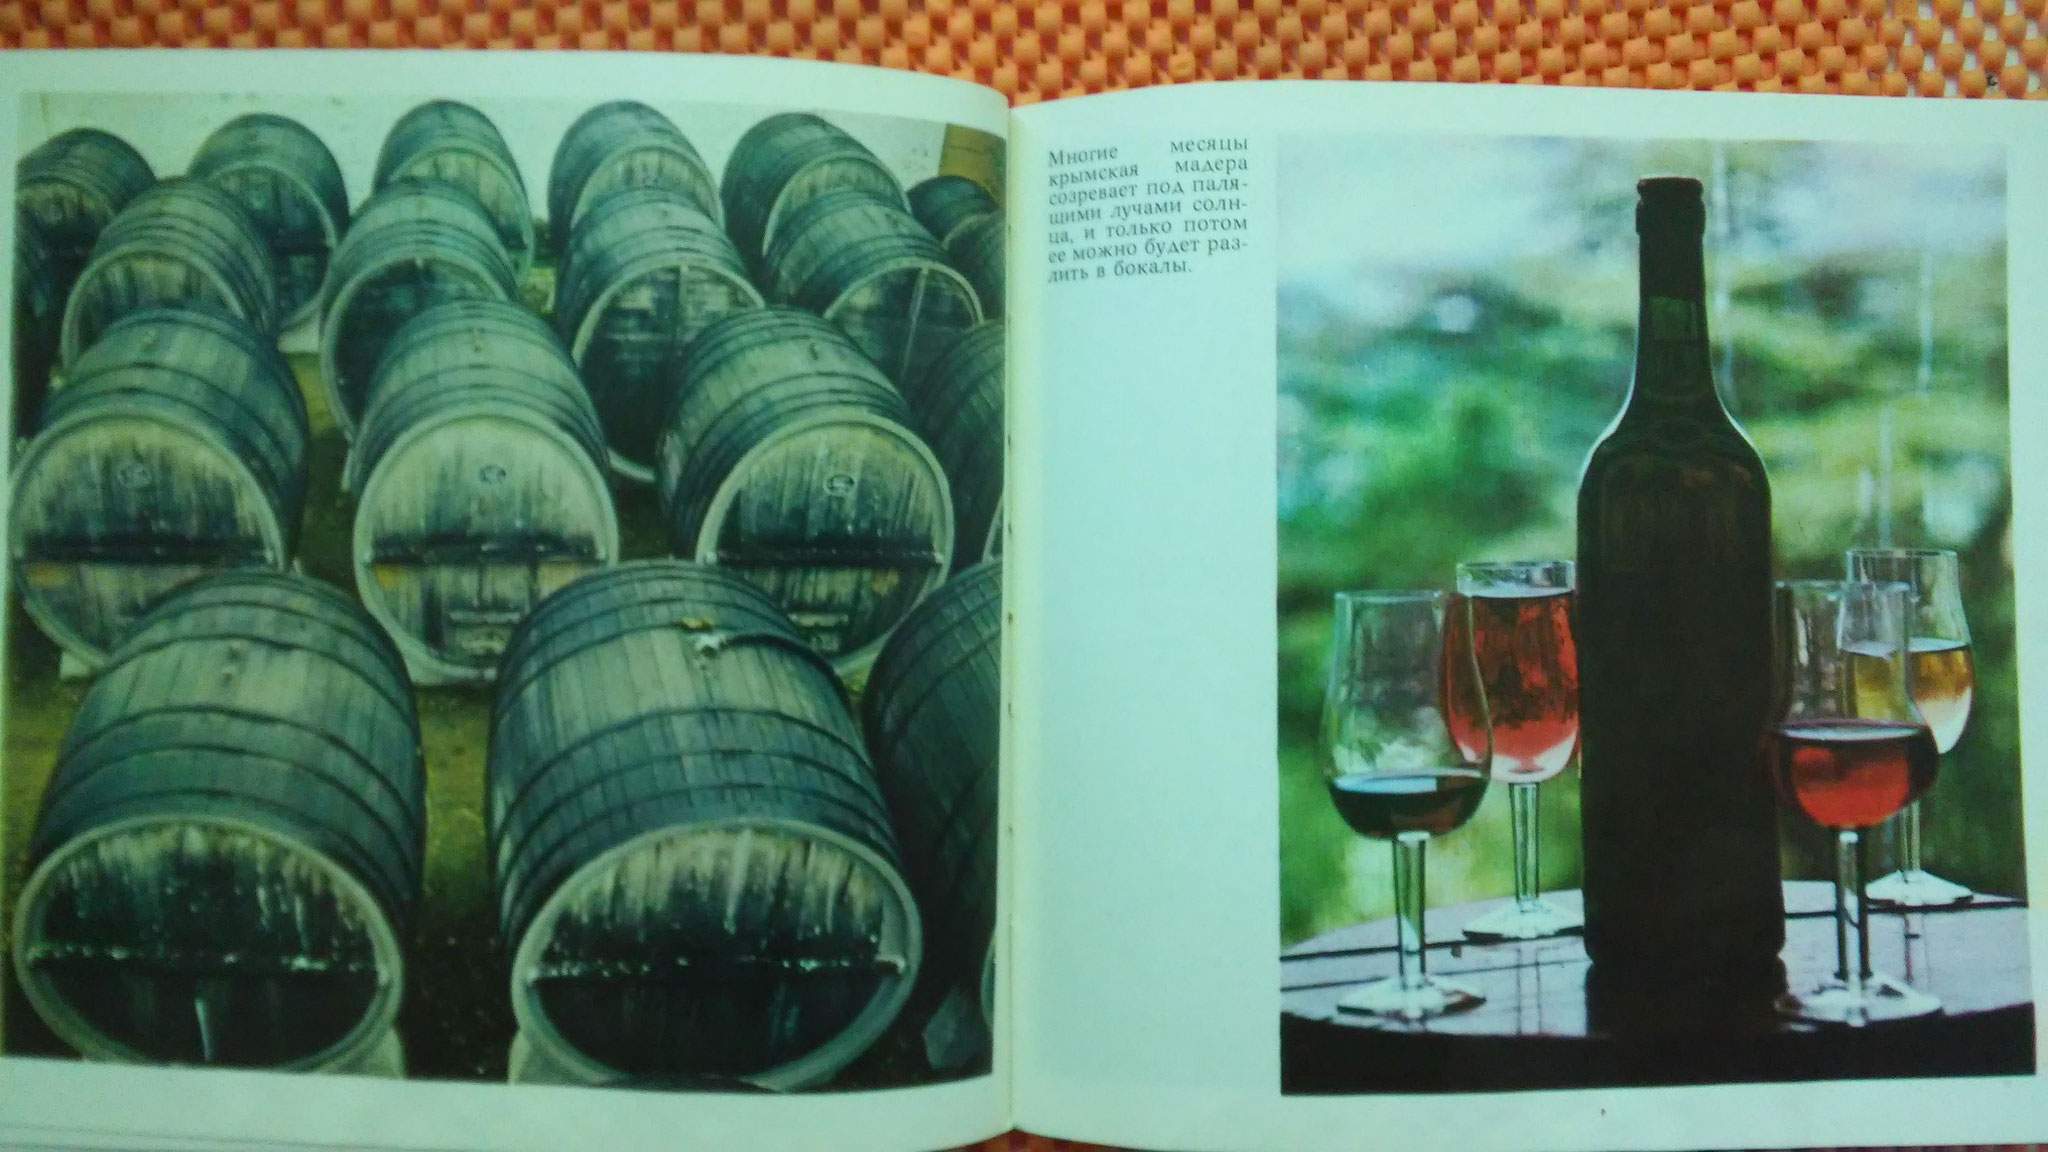 Вино и элитная крымская мадера. По рассказам знающего старичка-экскурсовода, ныне всё крымское вино на продаже из порошочков делают.